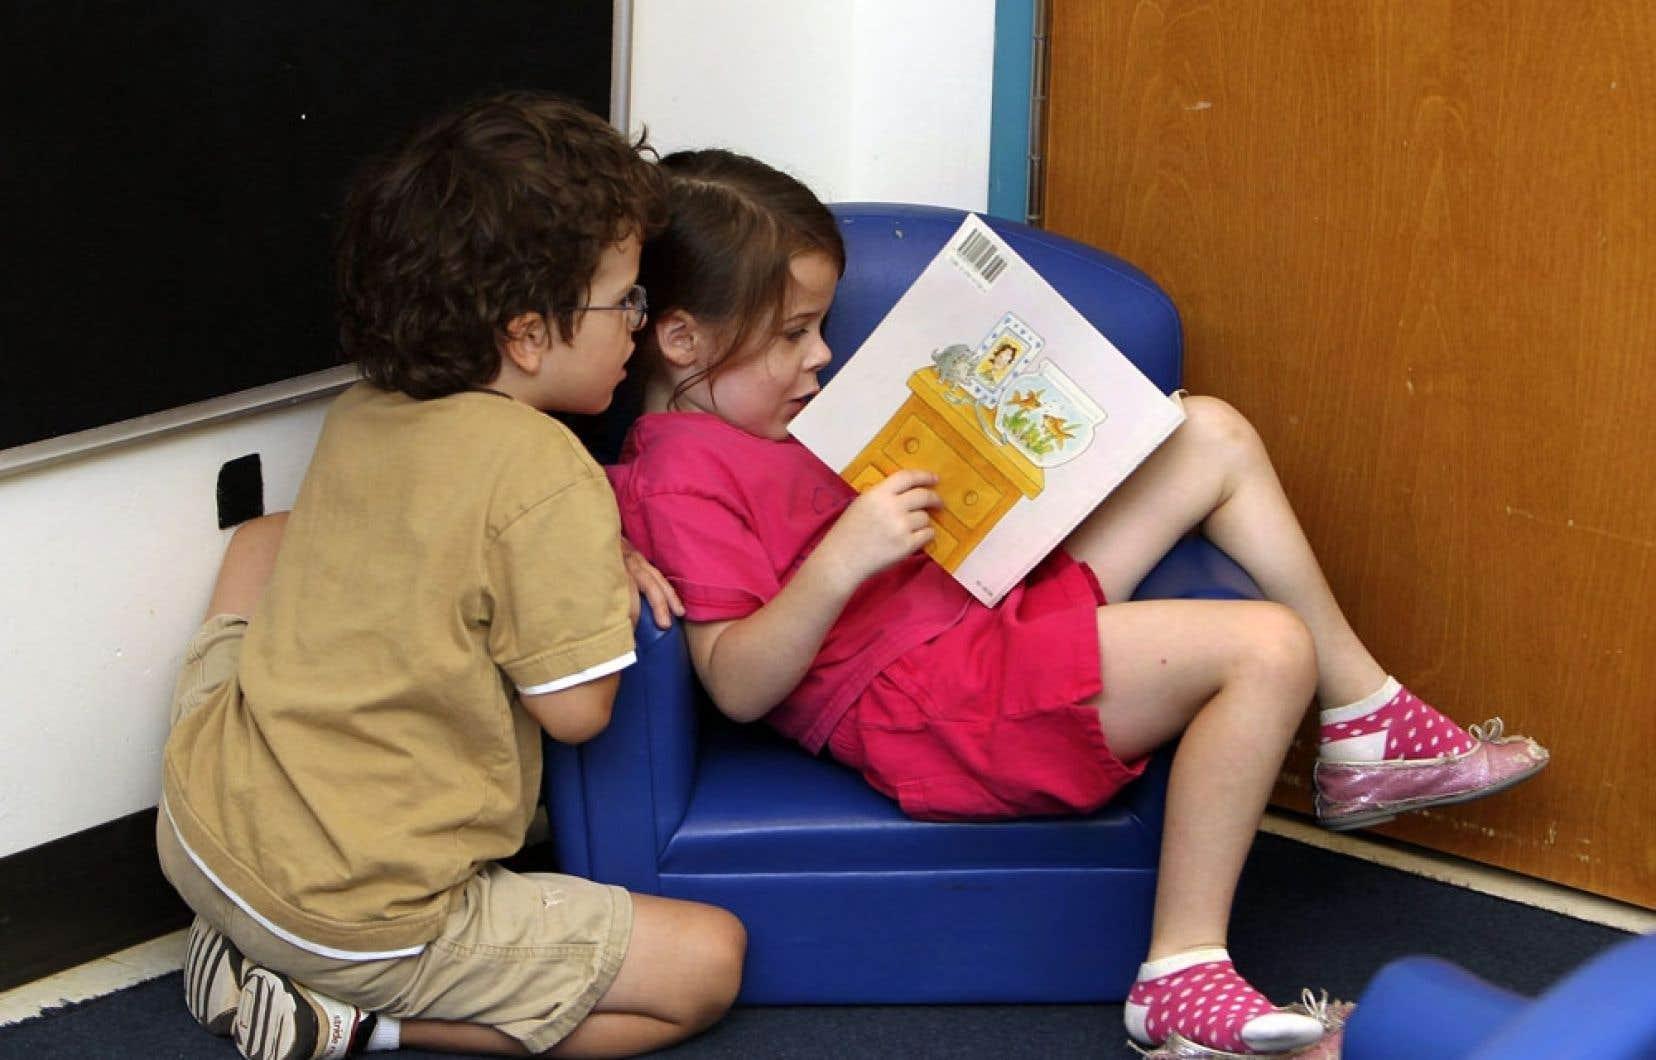 «On retrouve souvent trop de fiction par rapport au documentaire, trop de livres s'adressent aux filles plutôt qu'aux garçons, ou encore des livres qui ne sont pas adaptés à l'âge de la clientèle», a fait savoir une bibliothécaire scolaire de Rimouski.